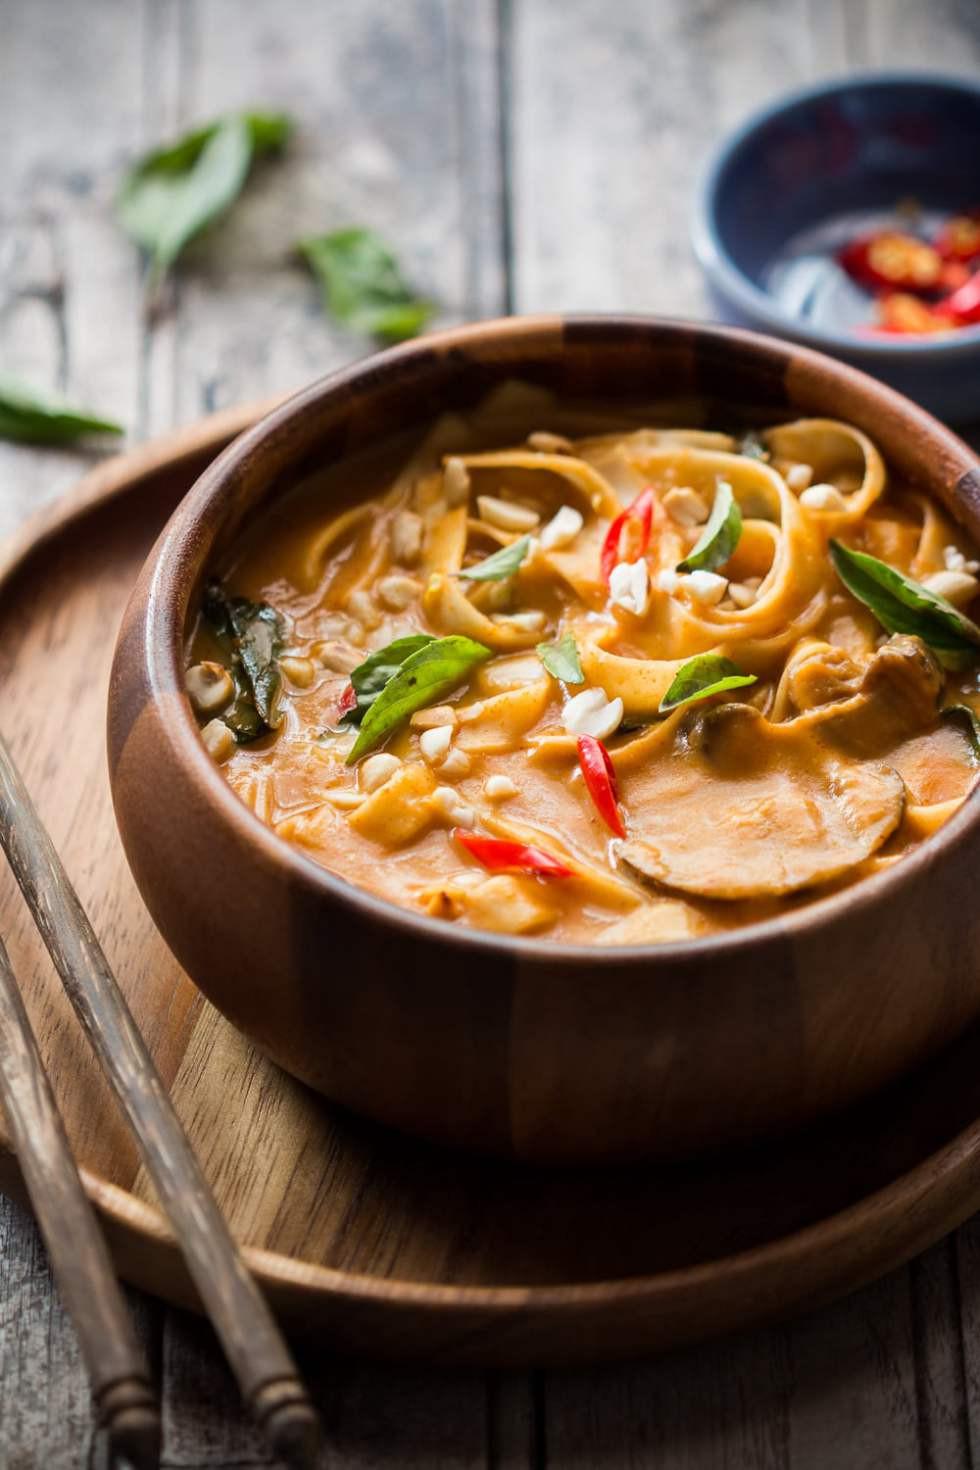 Spicy Thai Pumpkin Noodle Soup